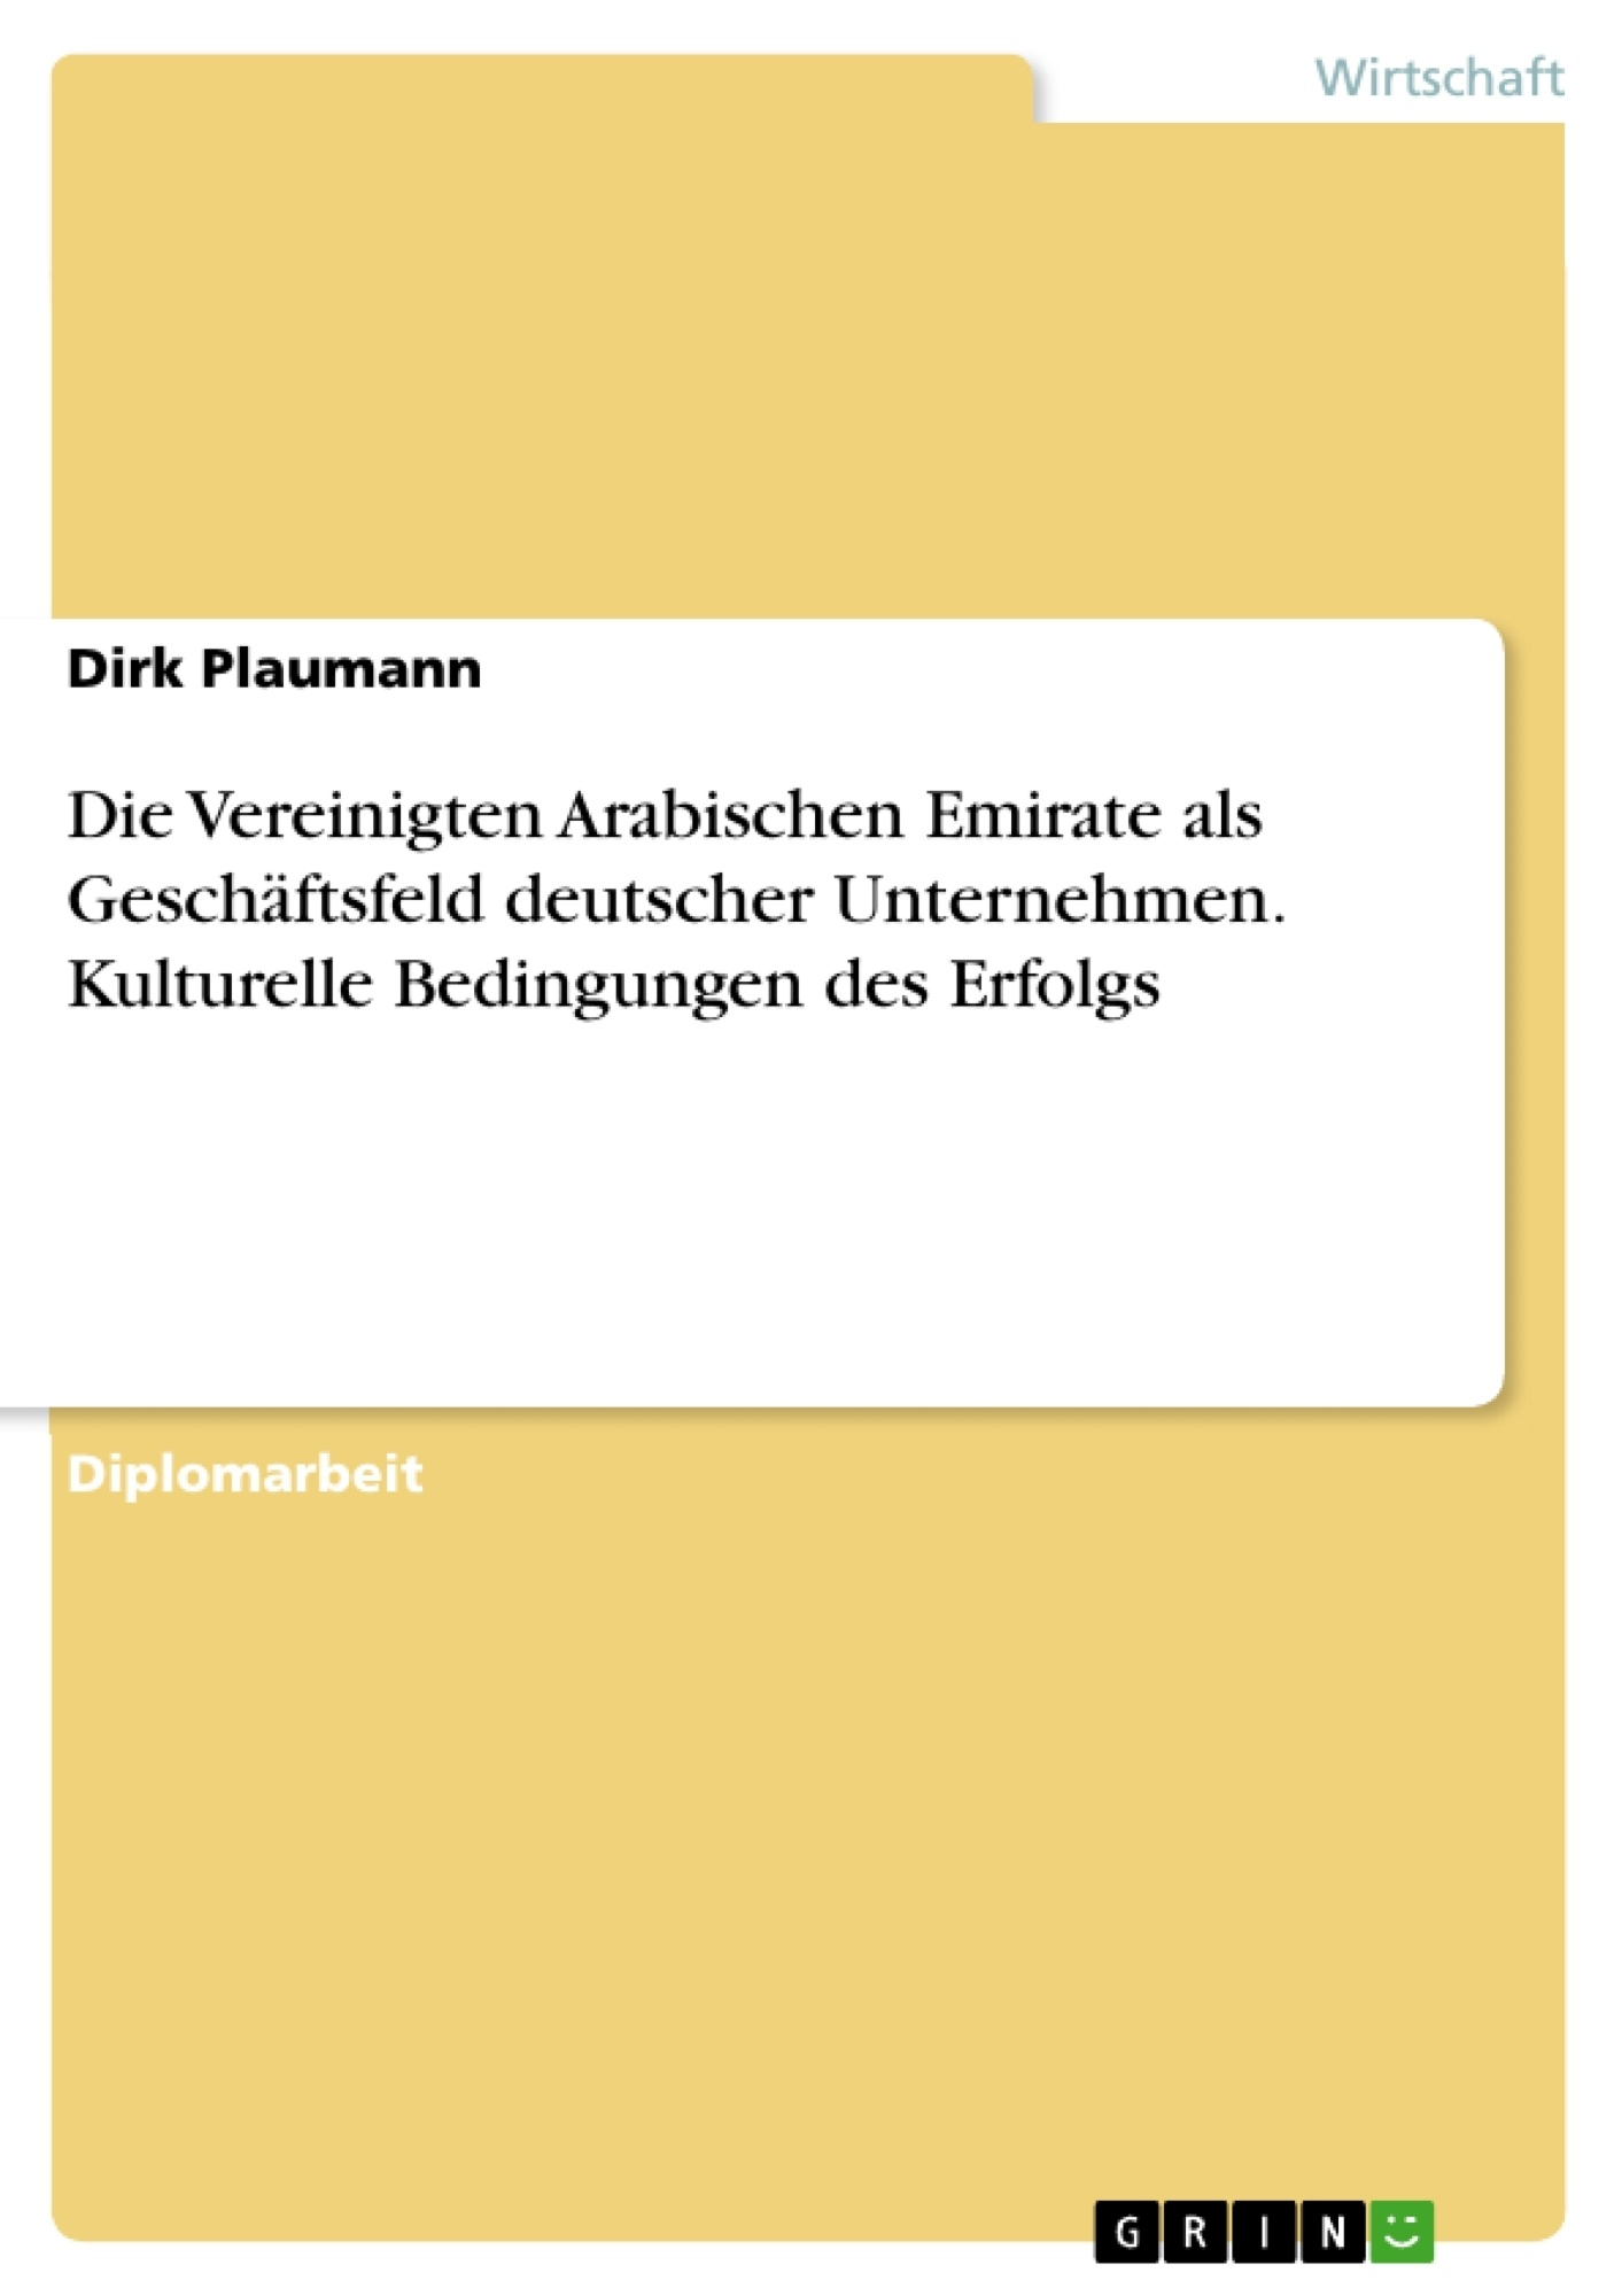 Titel: Die Vereinigten Arabischen Emirate als Geschäftsfeld deutscher Unternehmen. Kulturelle Bedingungen des Erfolgs